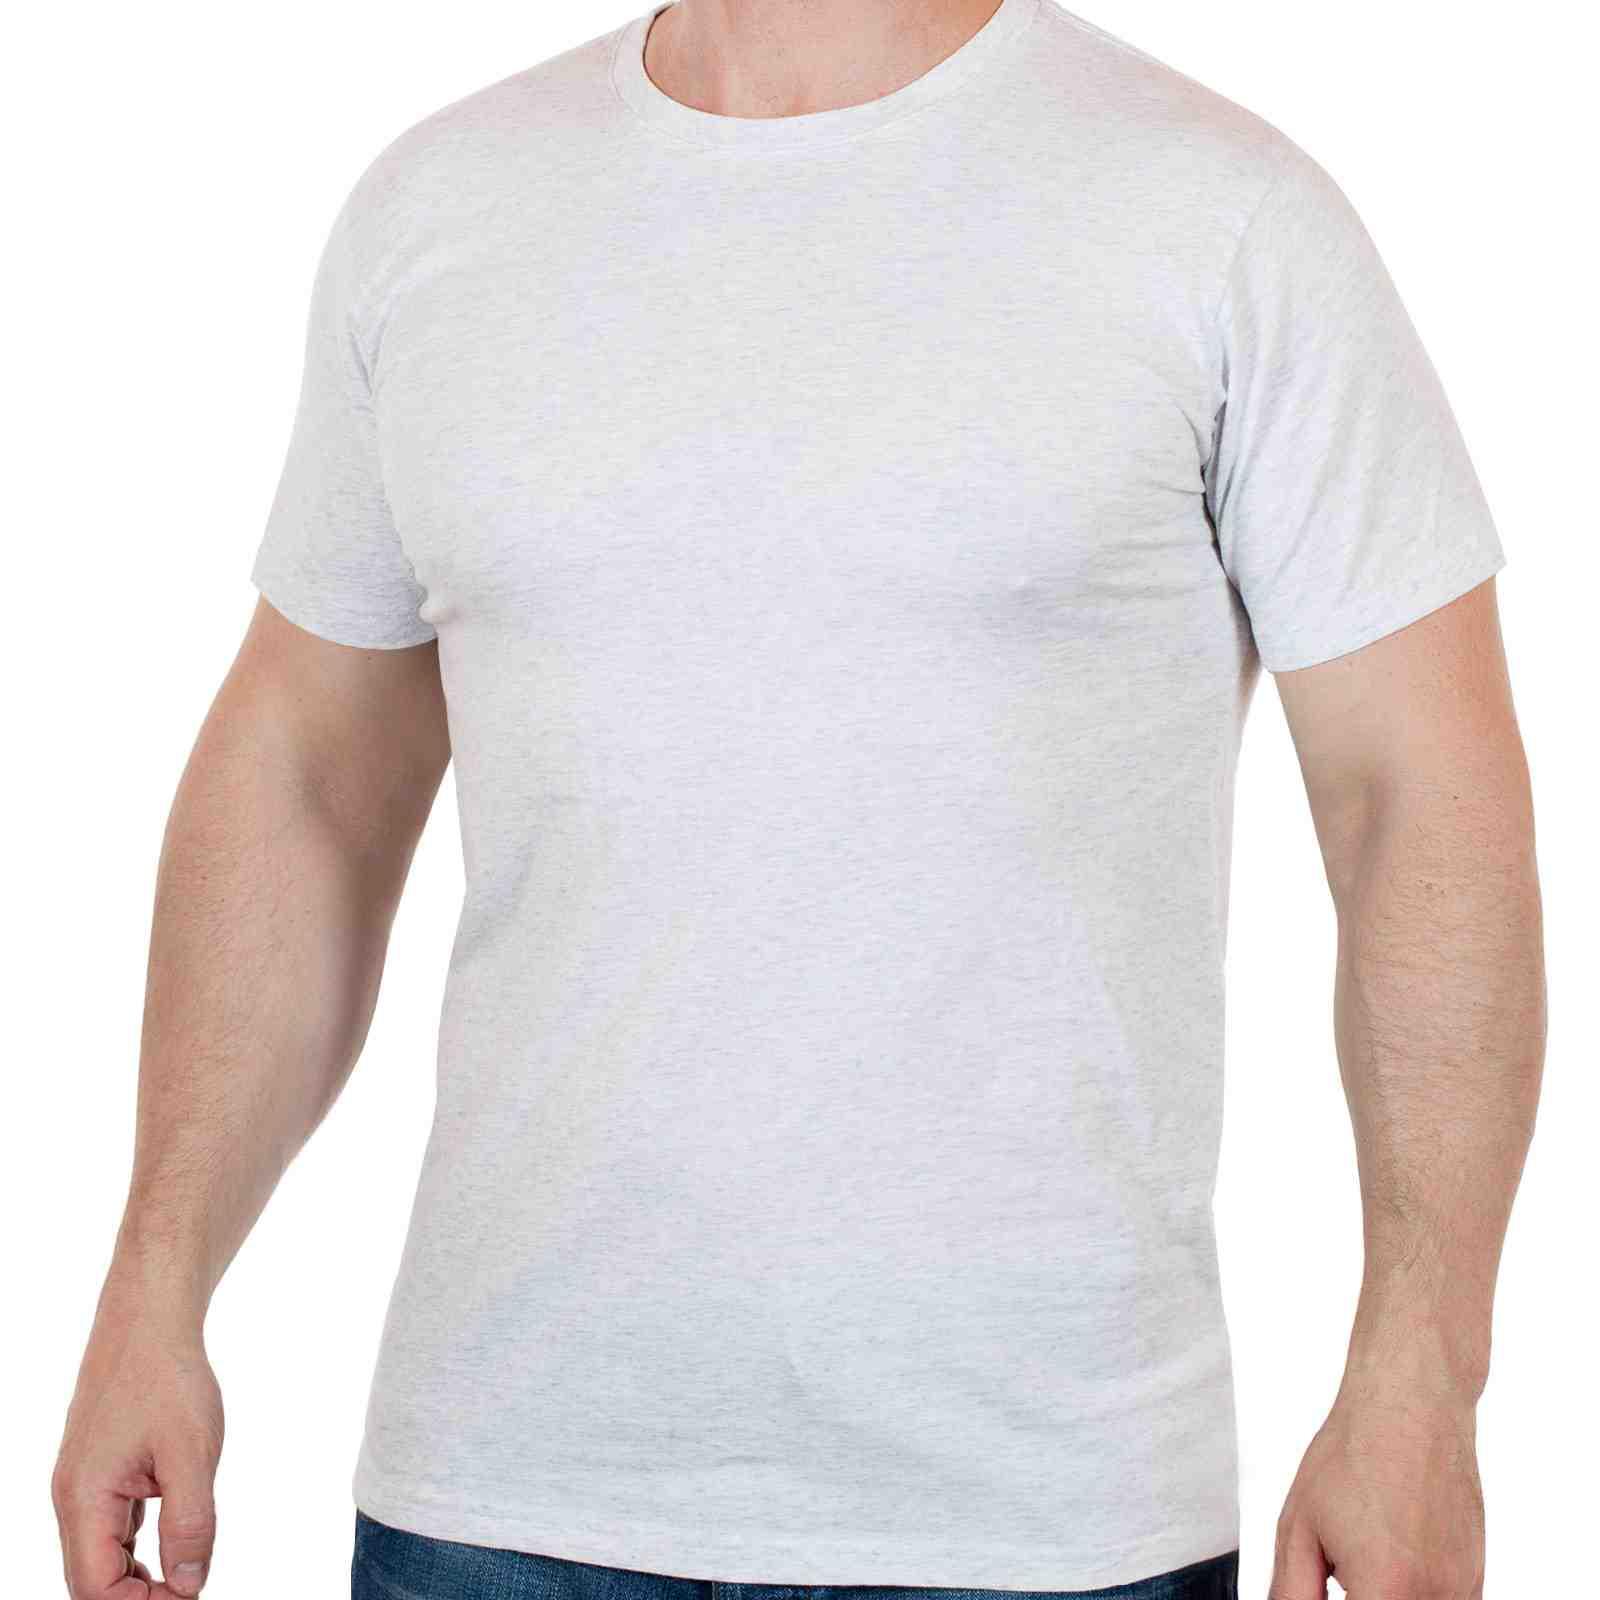 Мужская повседневная футболка от ARTICLE (США)-главная